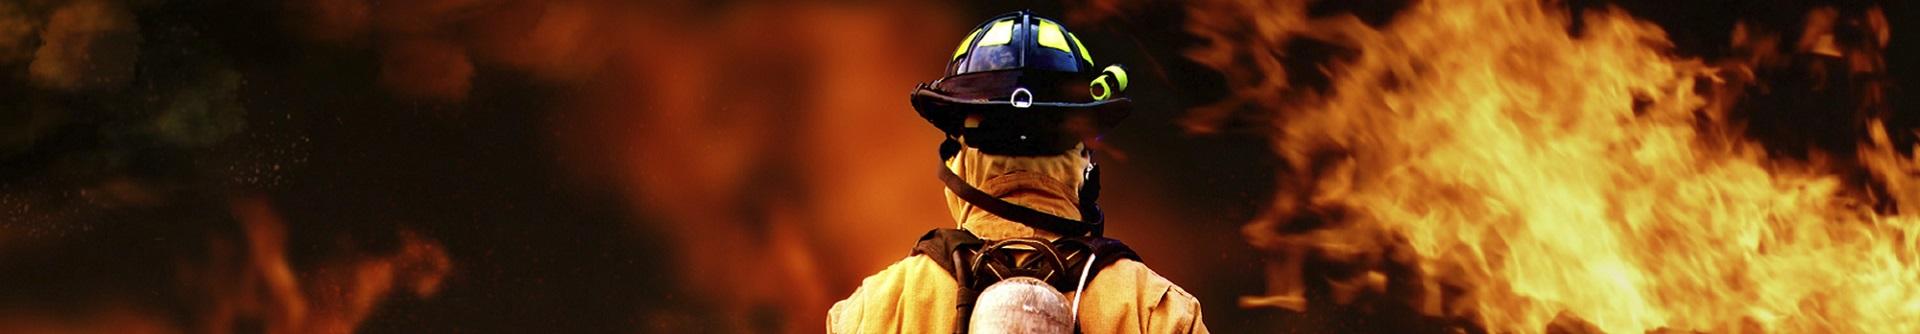 Пучков ввел обязательный набор средств для работ по огнезащите